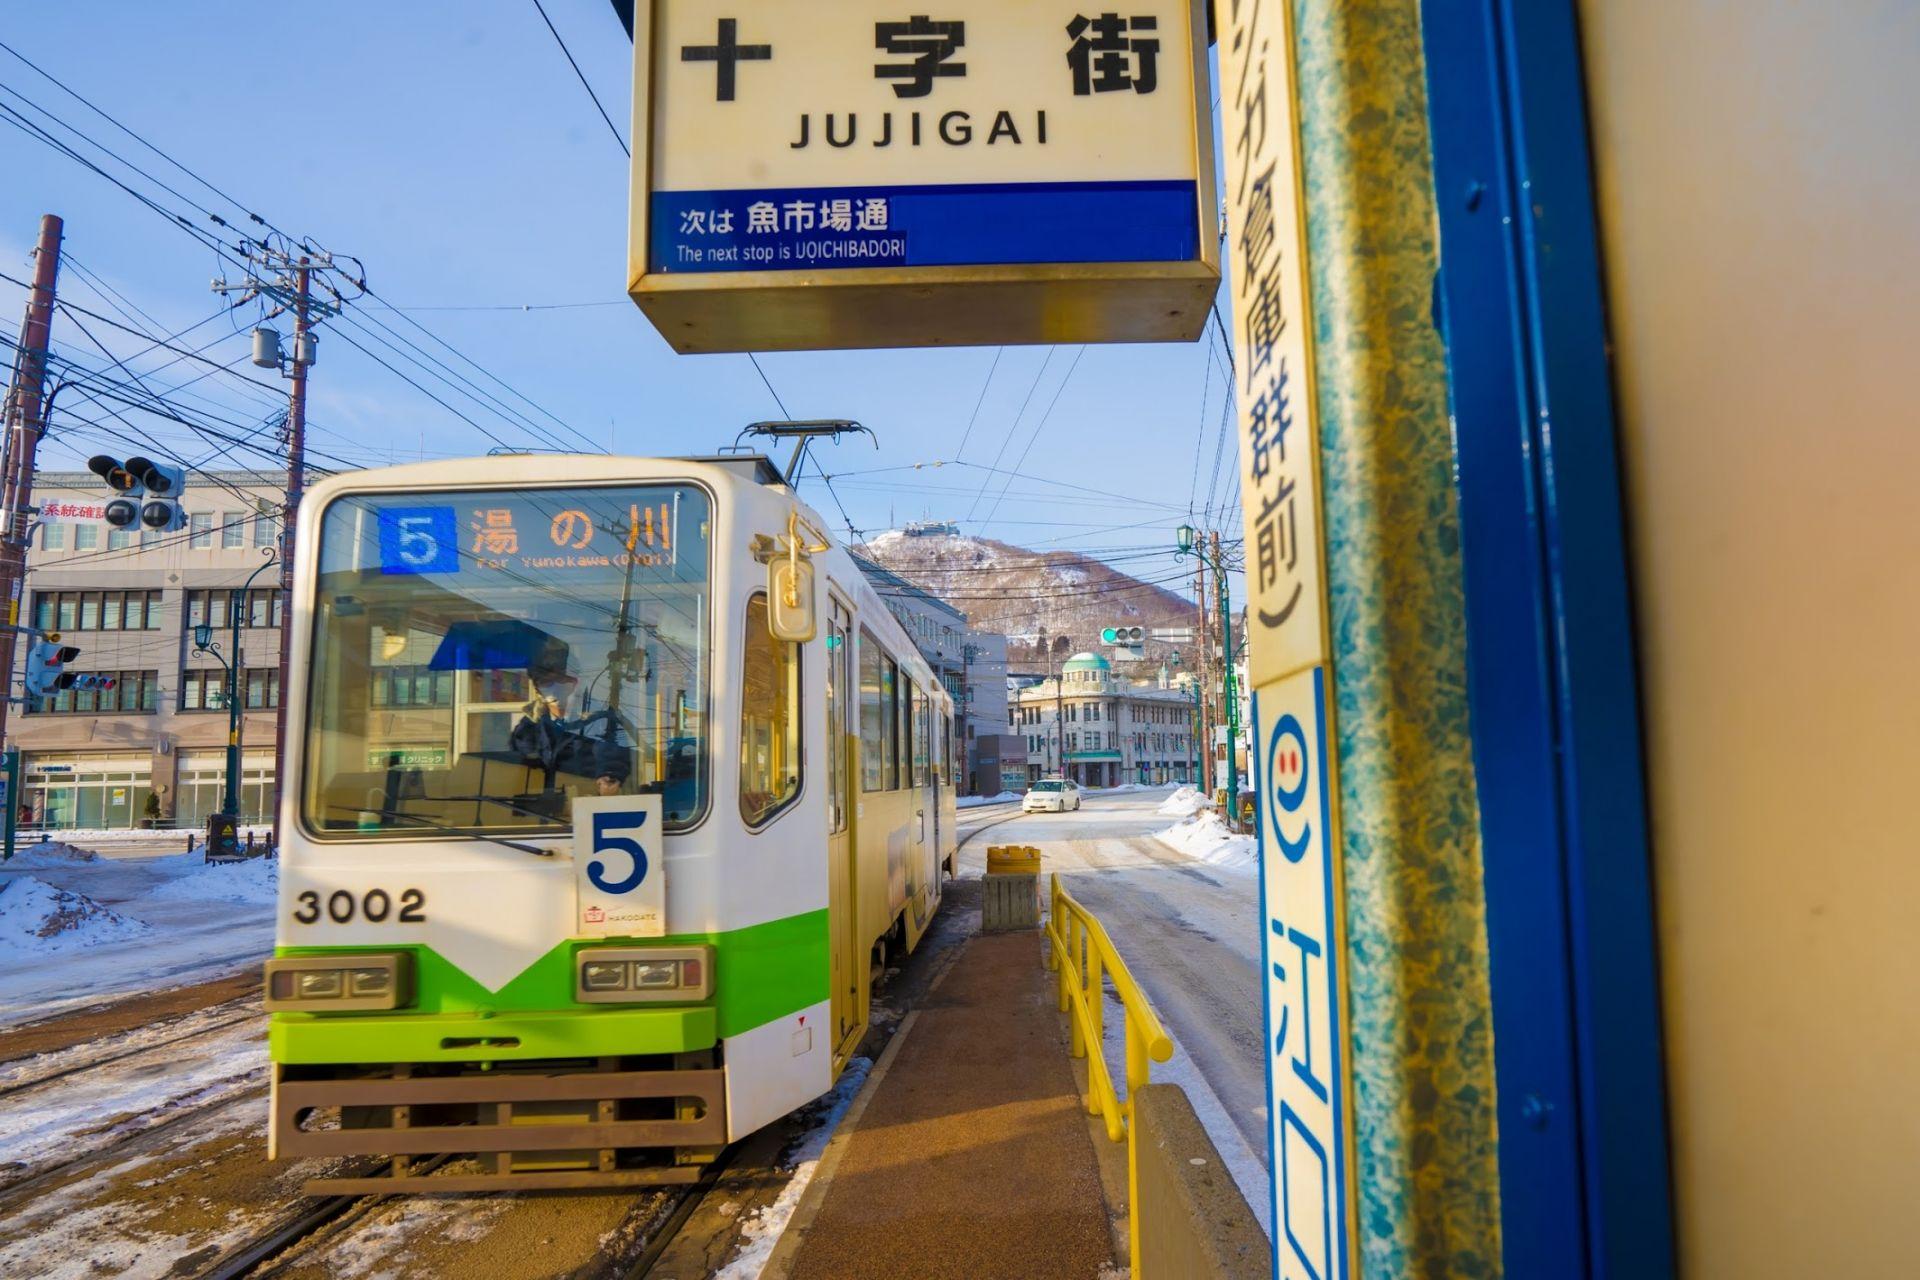 搭乘路面电车「函馆市电」前往五棱郭